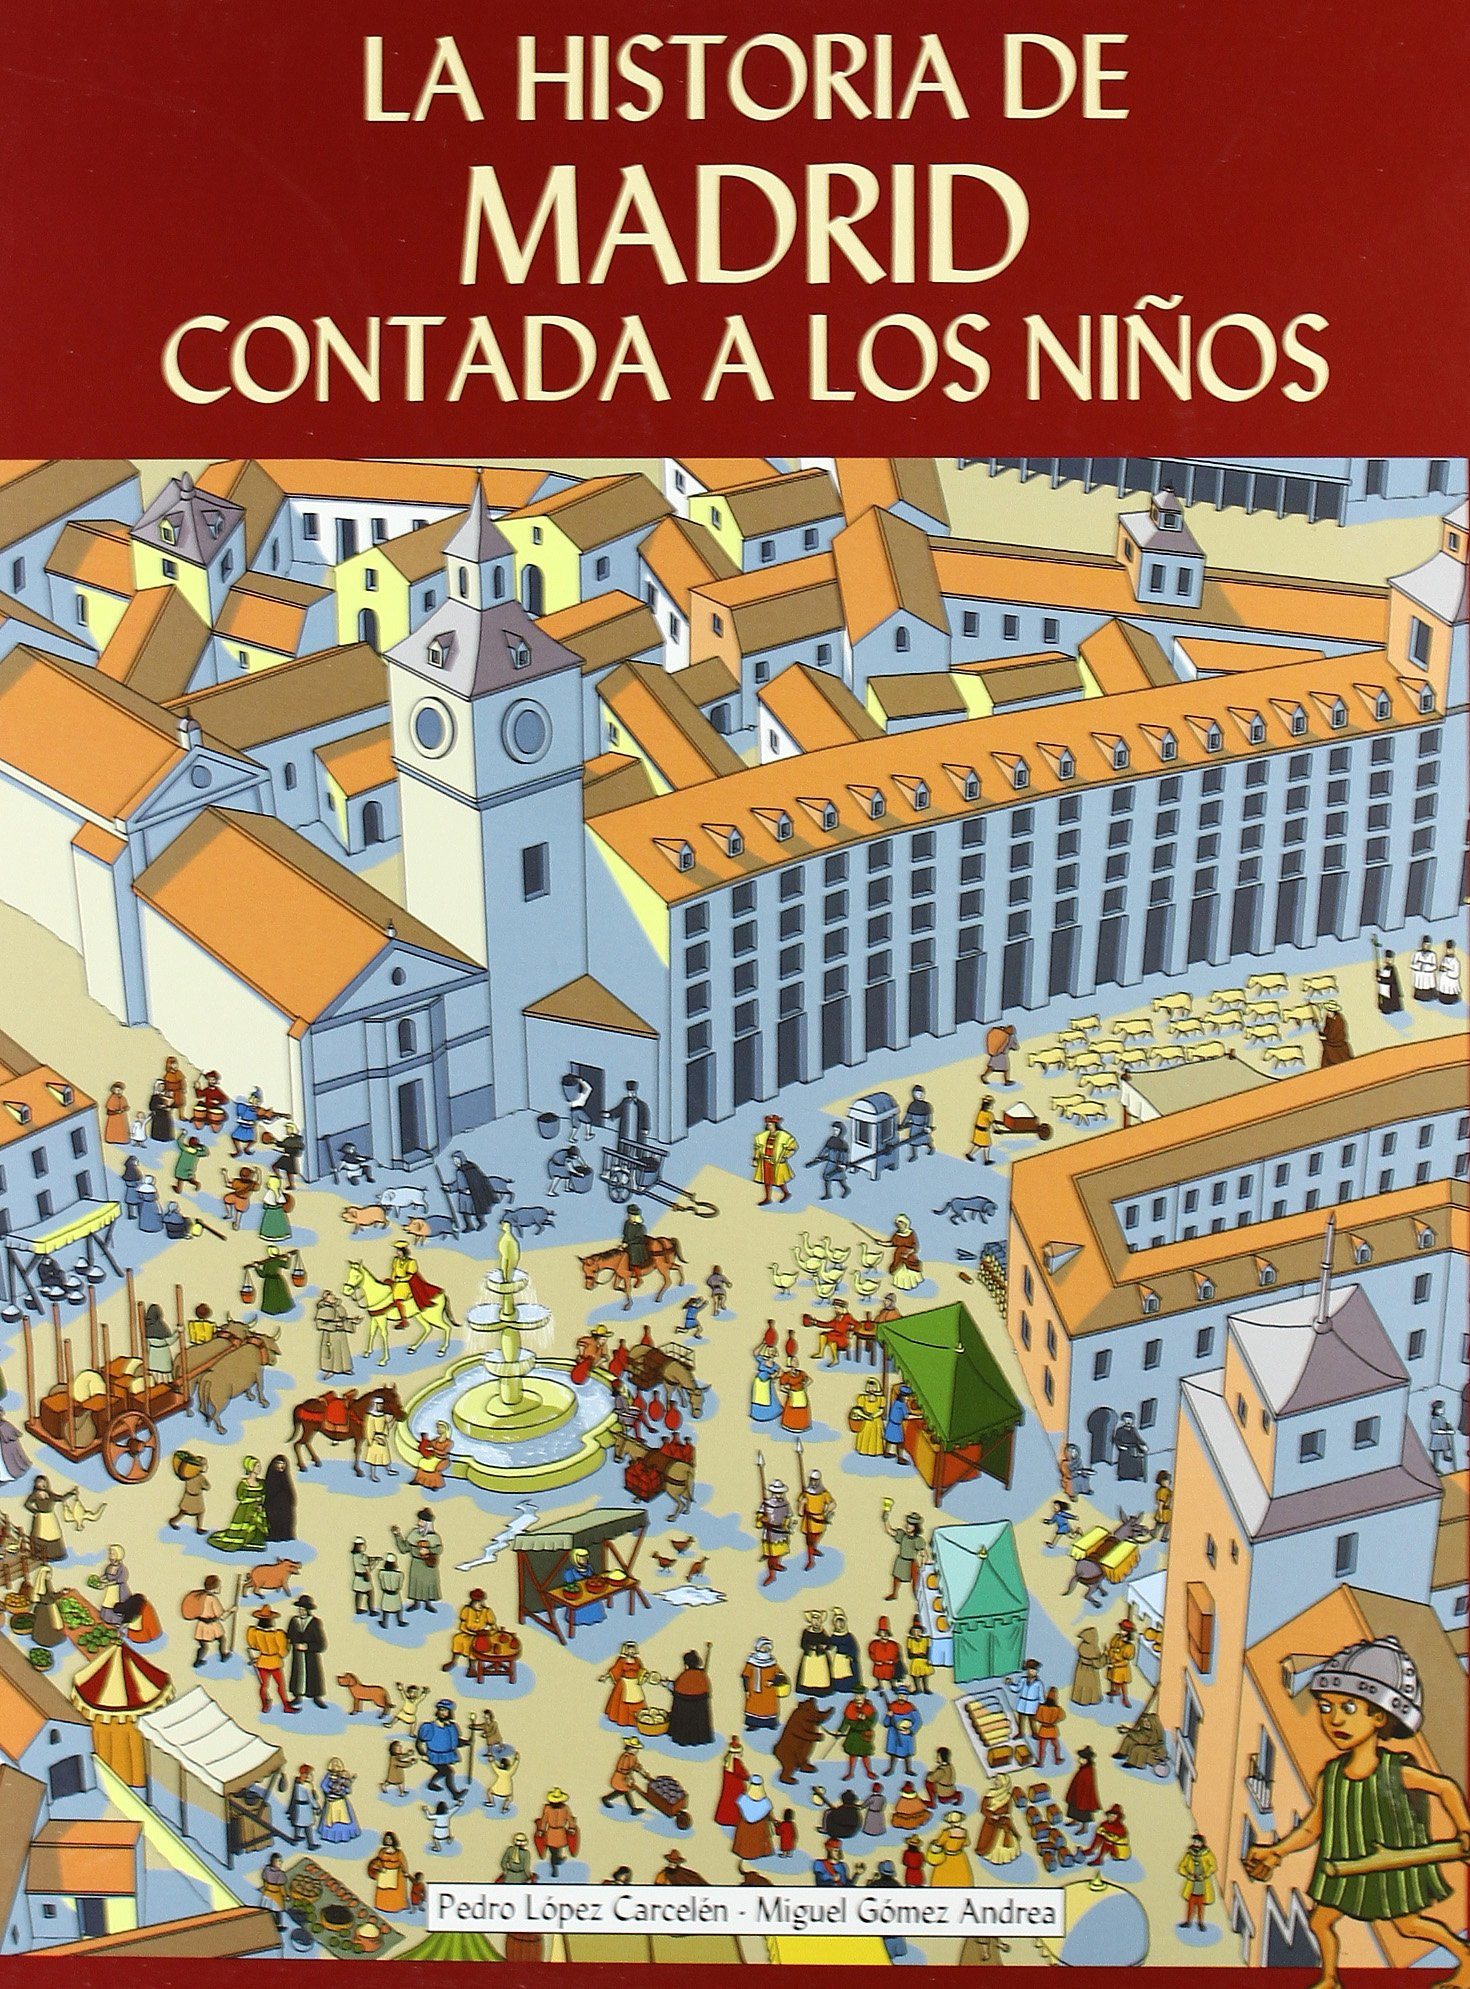 La historia de Madrid contada a los niños: Amazon.es: Gómez Andrea, José Miguel, López Carcelén, Pedro: Libros